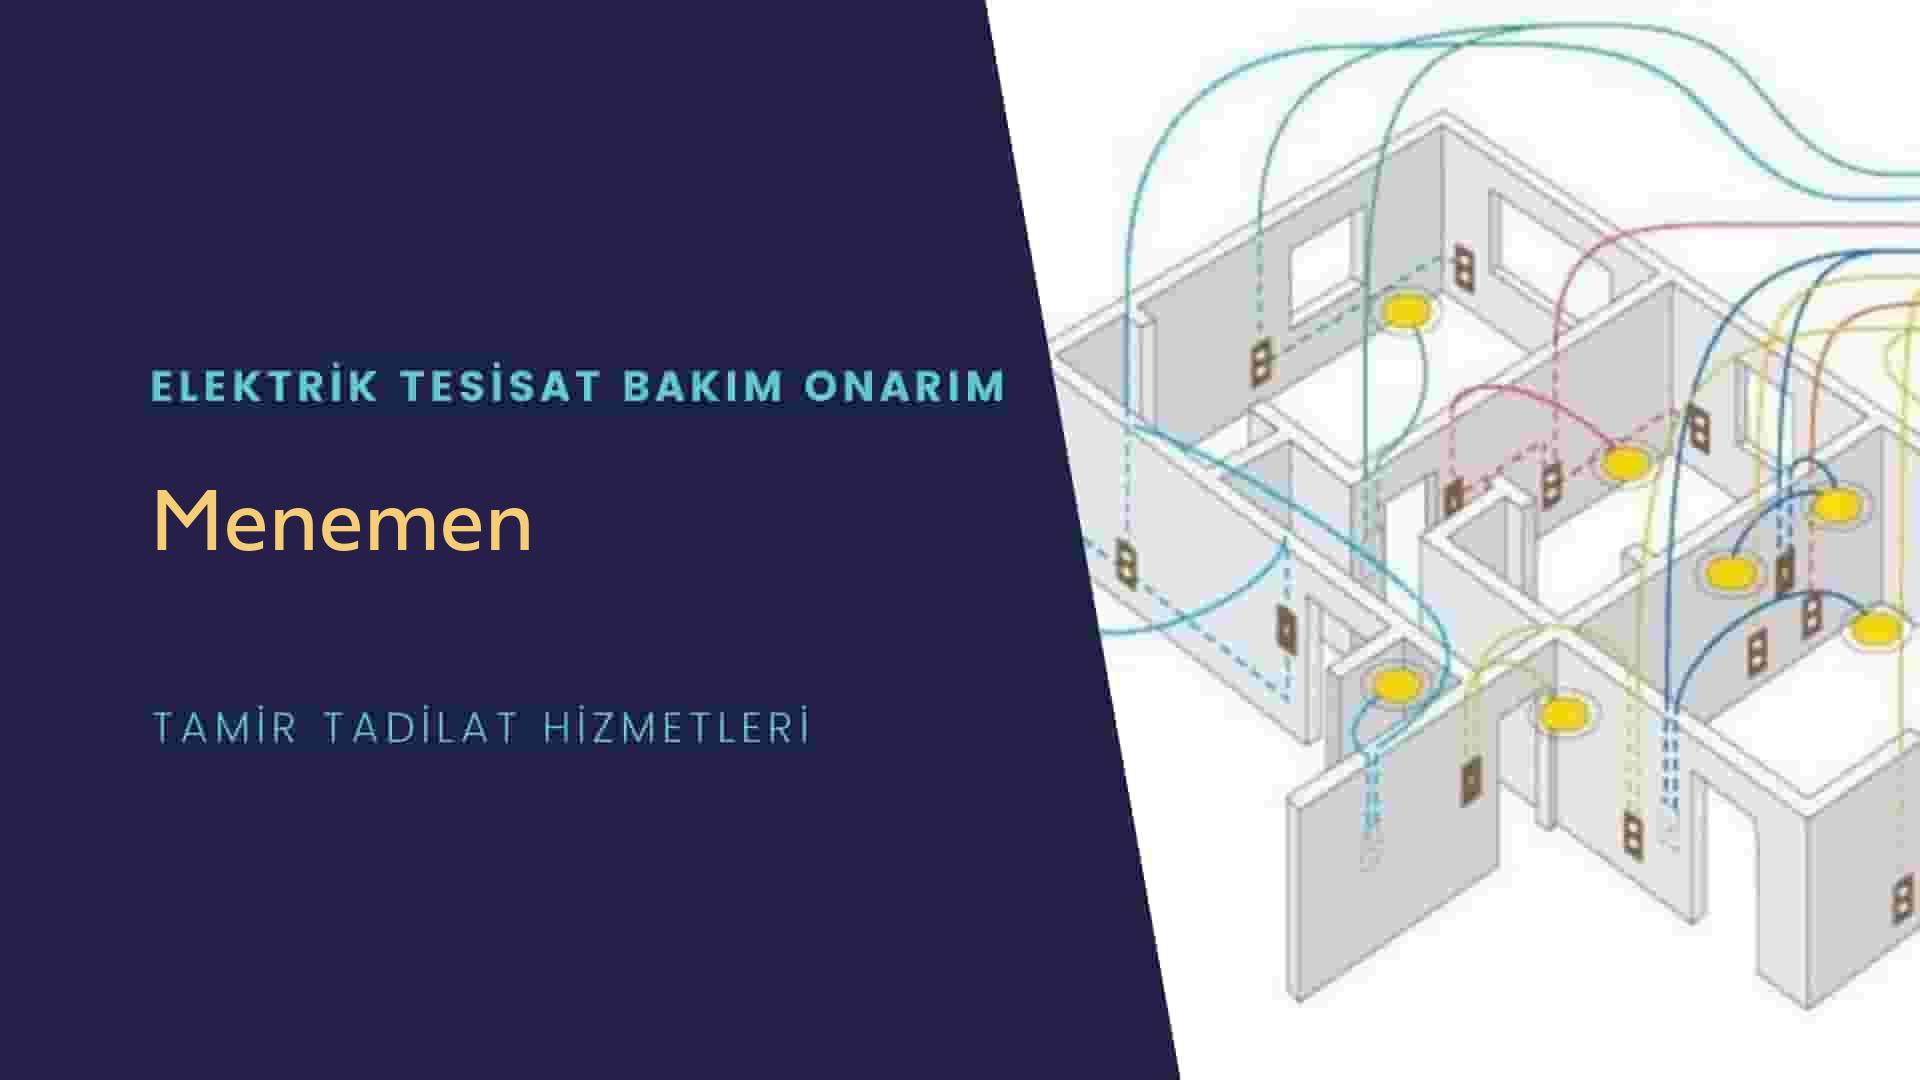 Menemen'de elektrik tesisatıustalarımı arıyorsunuz doğru adrestenizi Menemen elektrik tesisatı ustalarımız 7/24 sizlere hizmet vermekten mutluluk duyar.